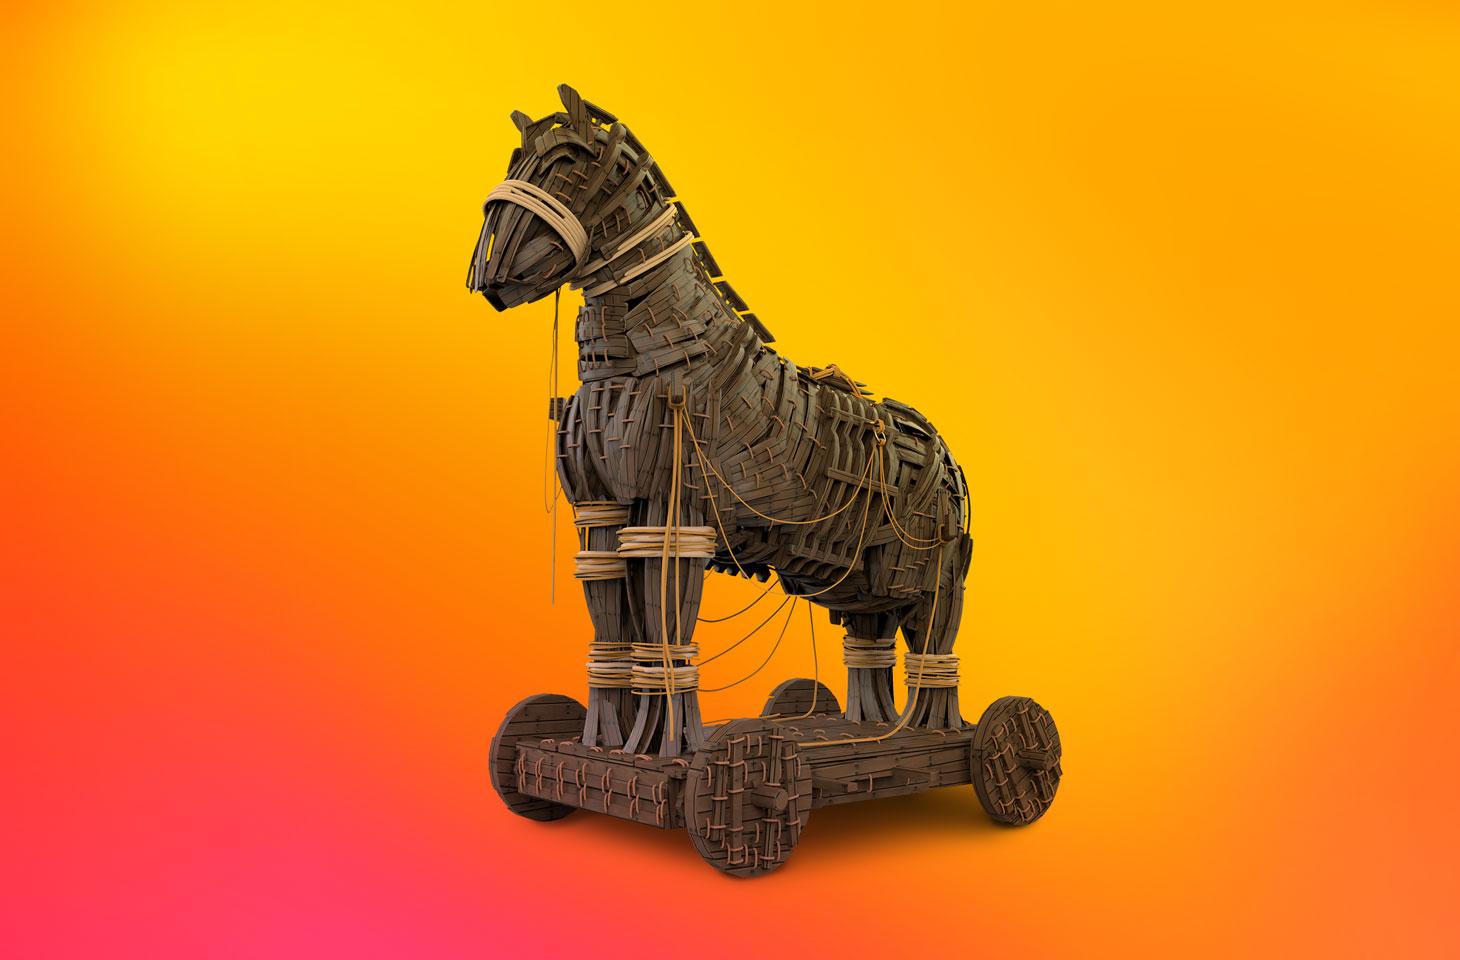 攻撃的なメッセージをばらまくトロイの木馬、Faketoken